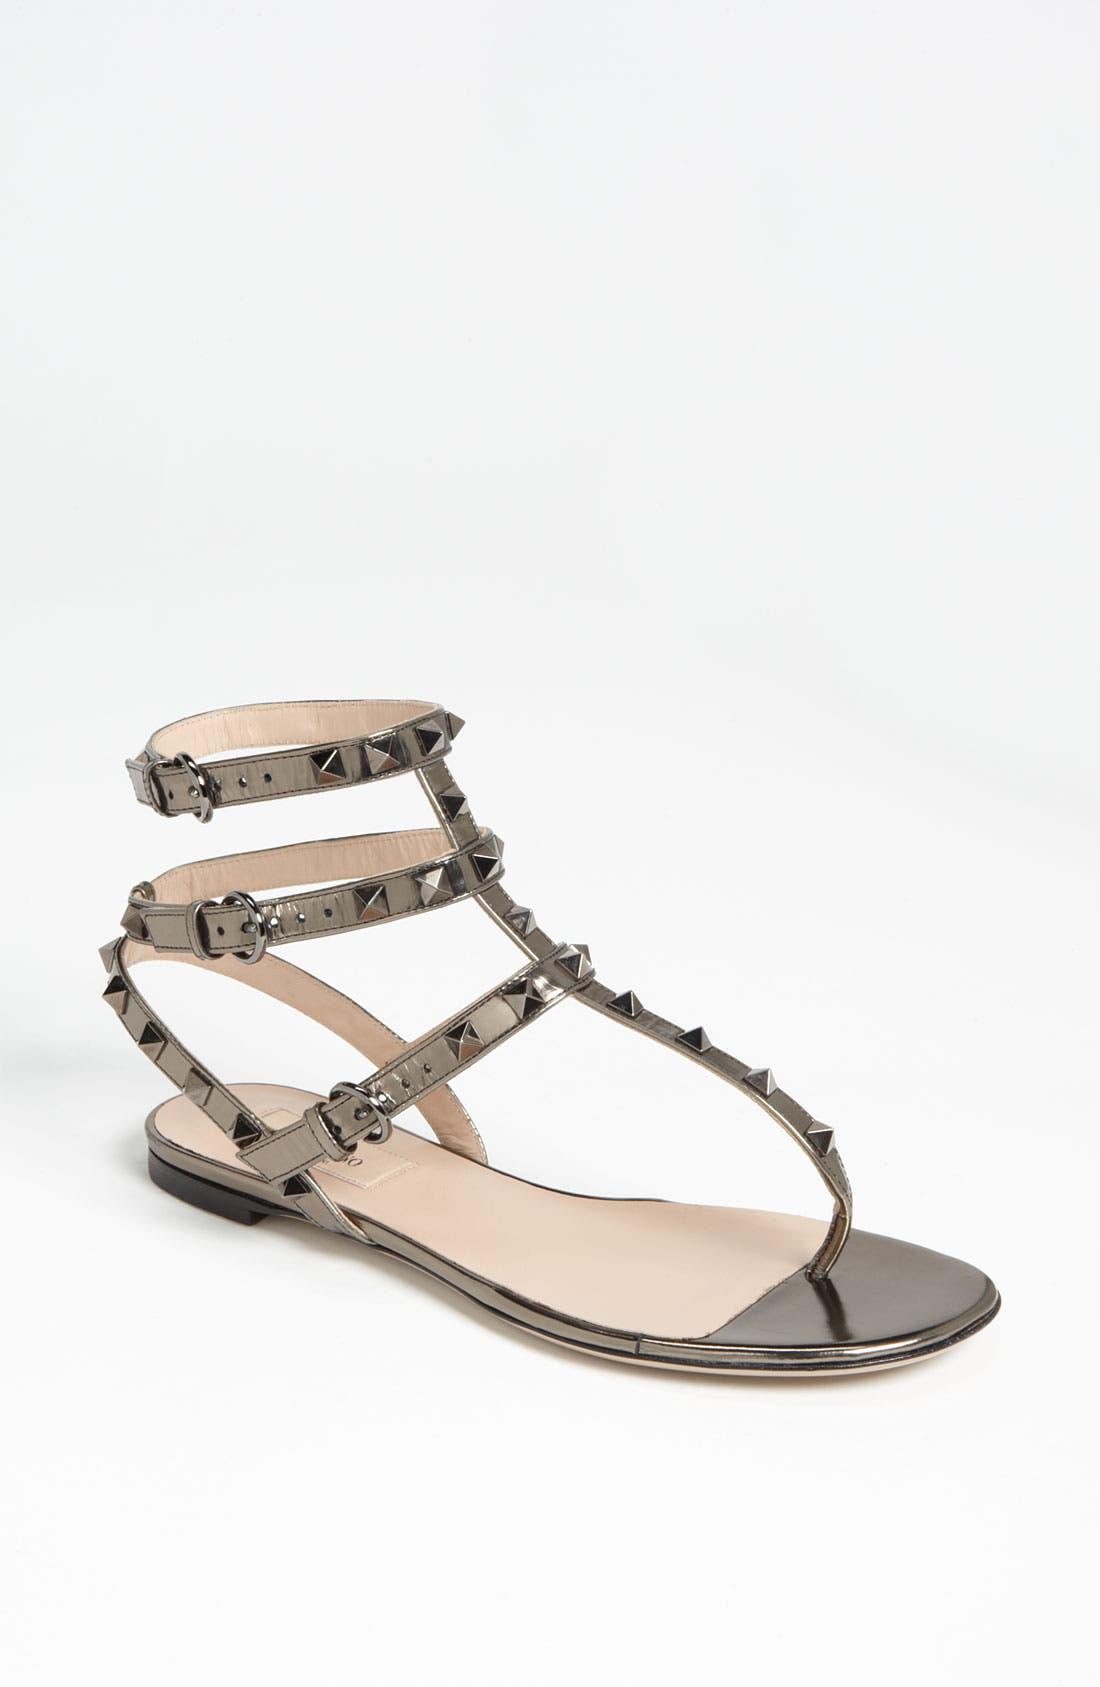 Main Image - Valentino 'Rockstud' Flat Sandal